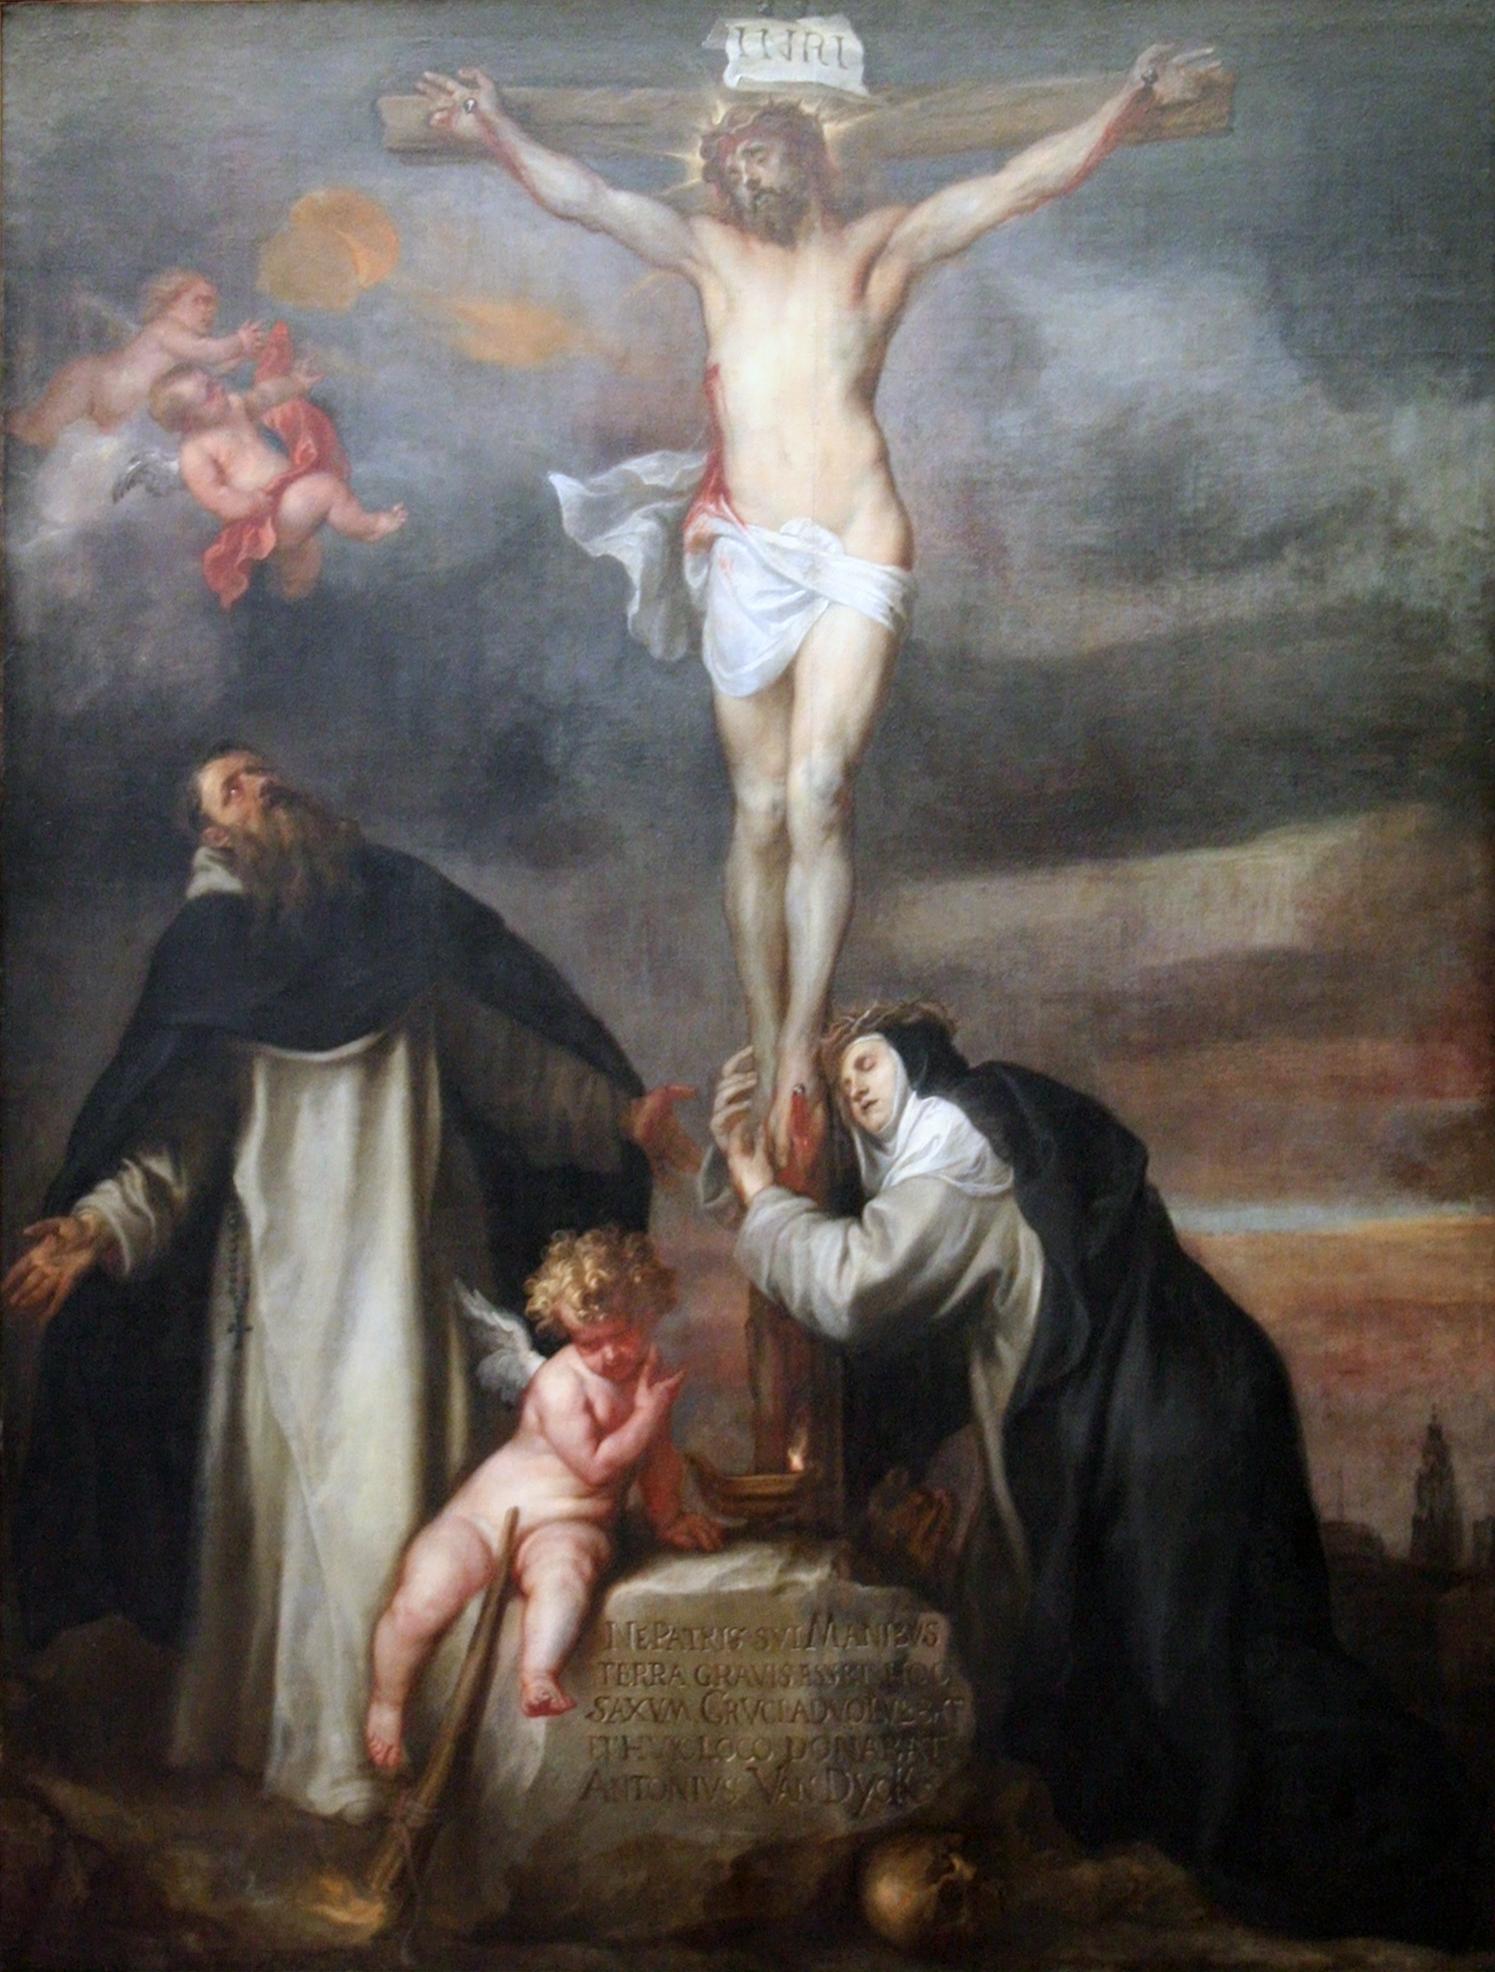 KMSKA - Christus aan het kruis met de heilige Catharina van Sien